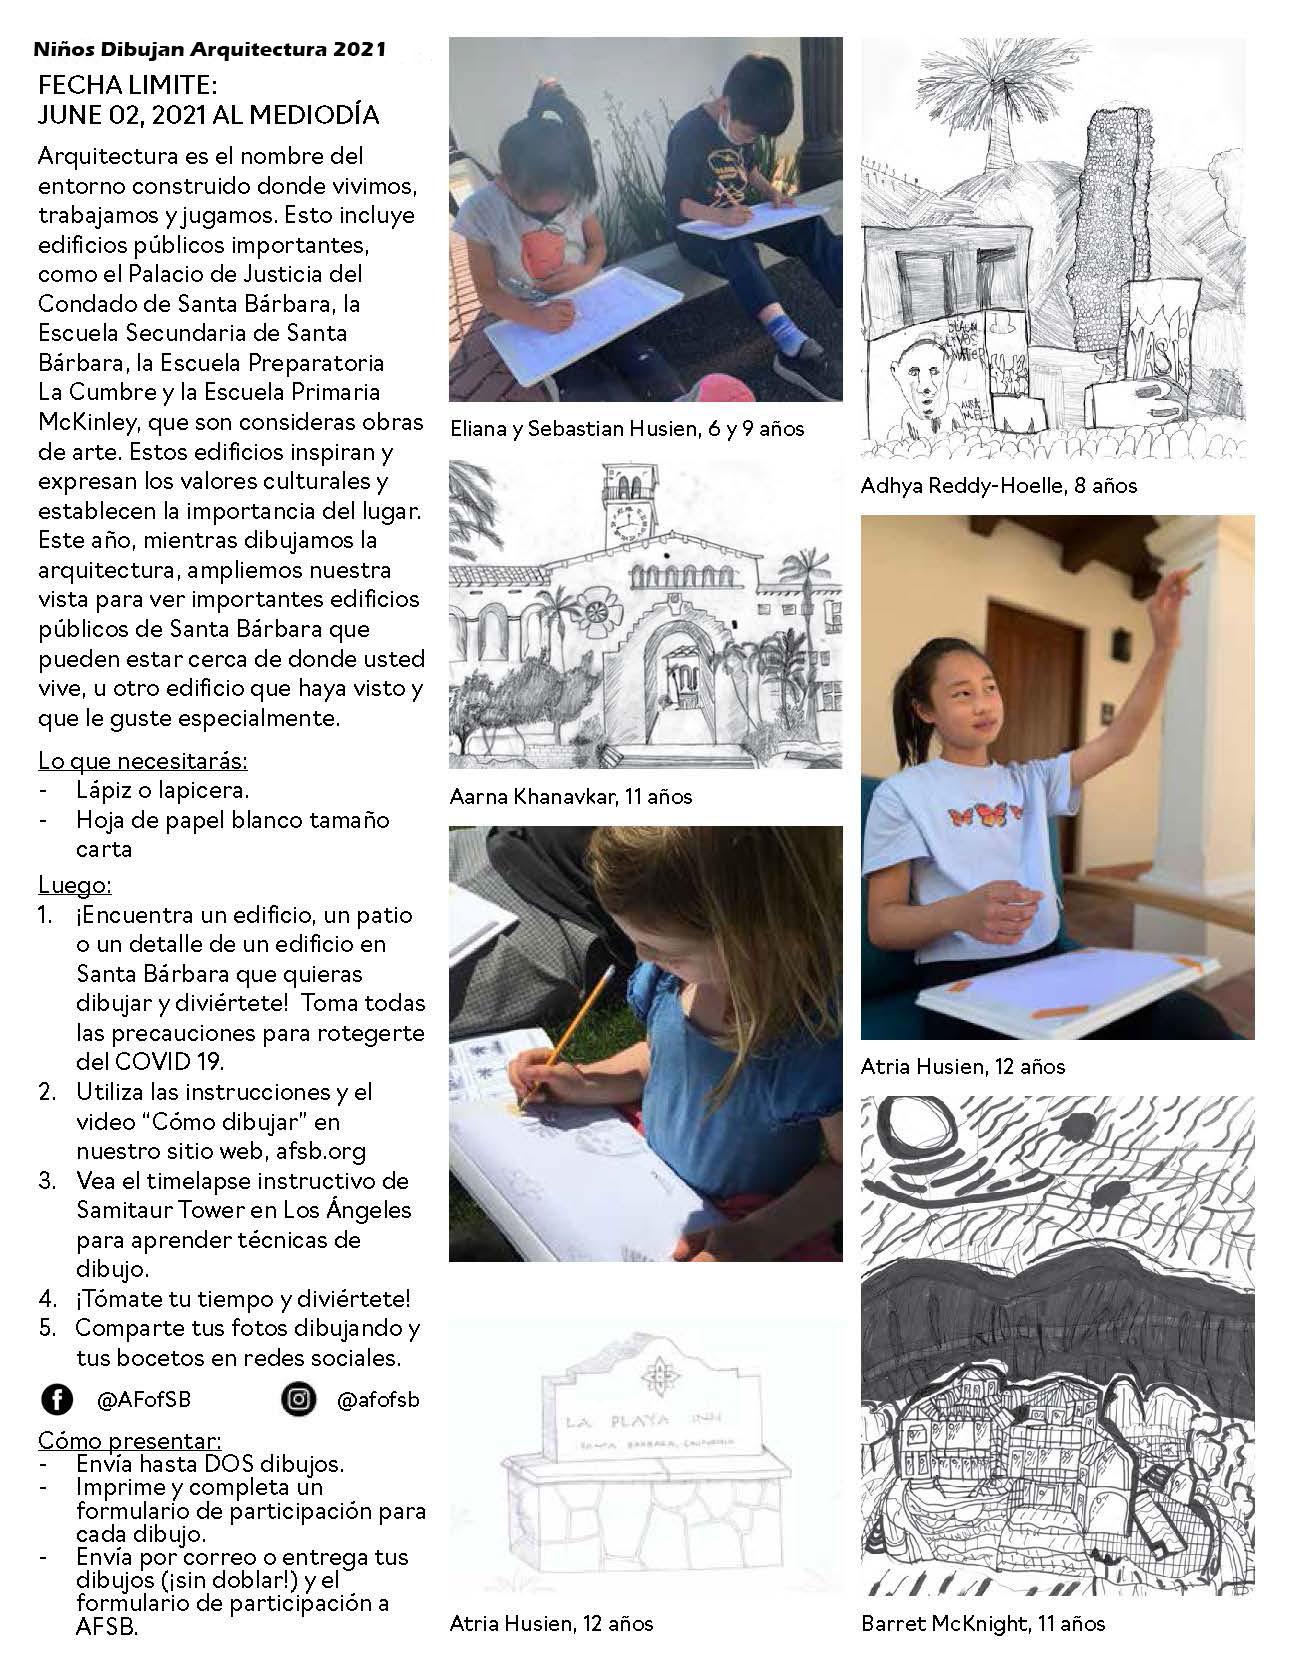 kda flyer_v3 english and spanish_Page_4 Niños Dibujan Arquitectura